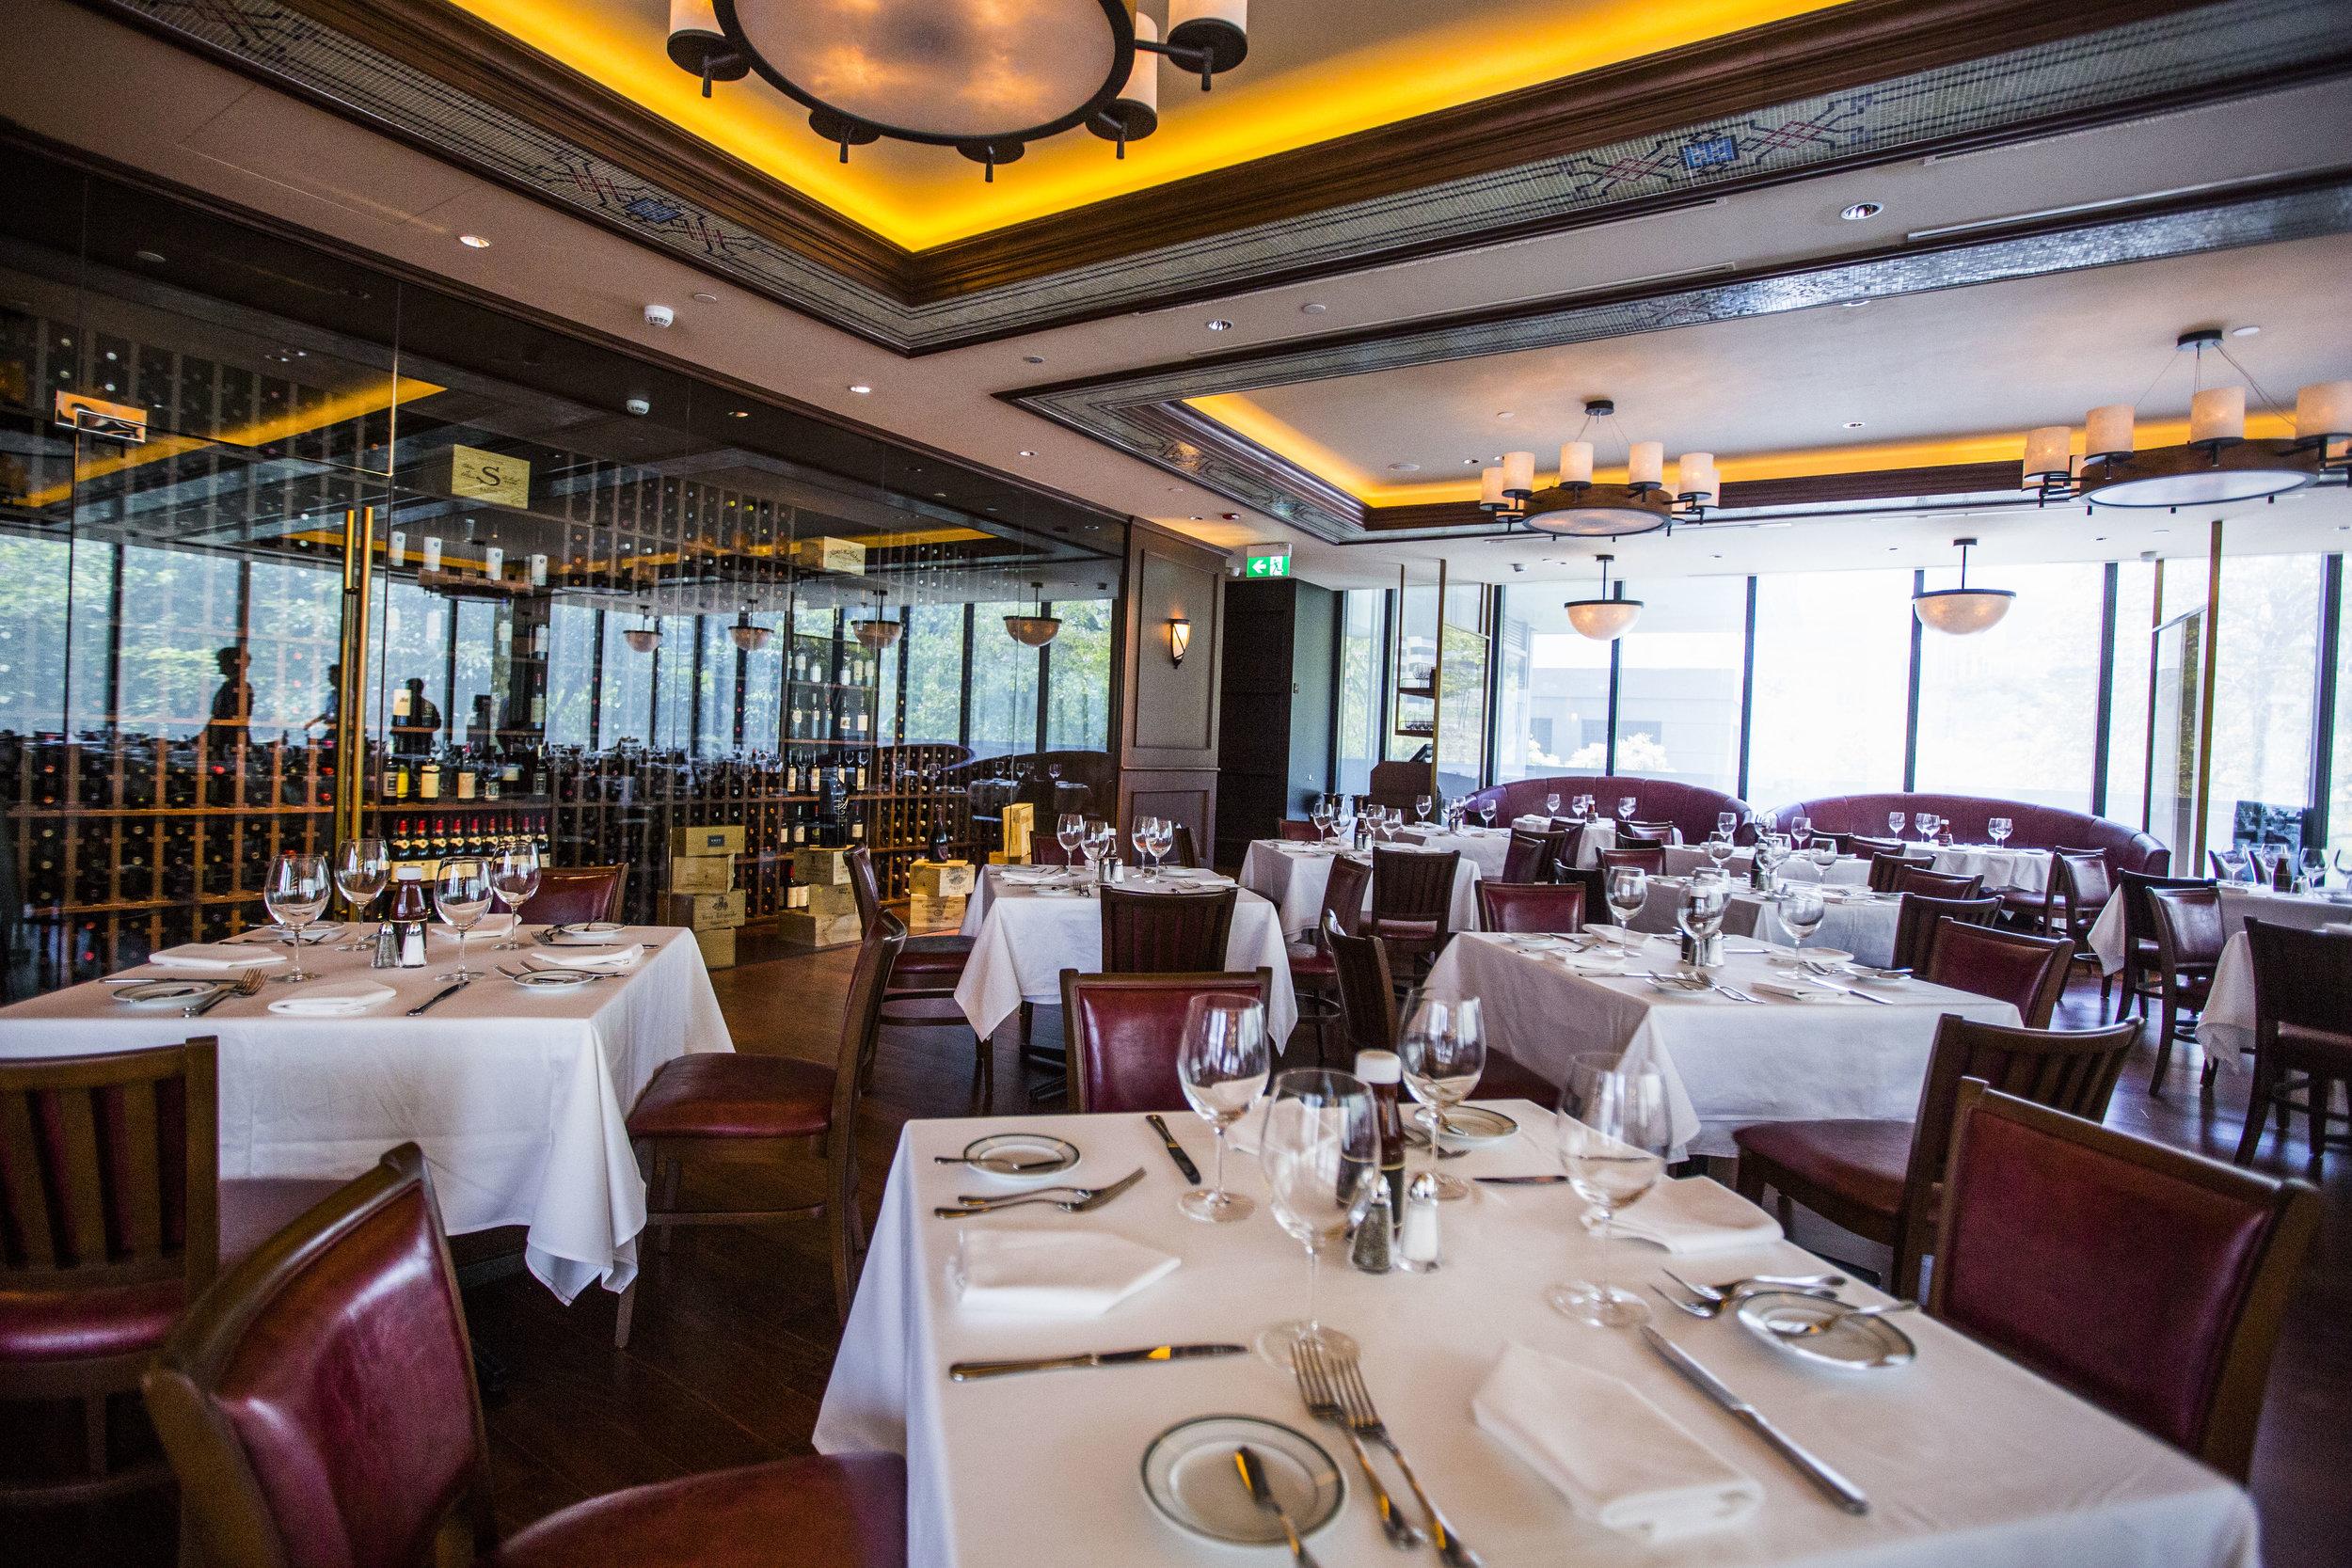 Wolfgang_s Steakhouse - interiors.jpg